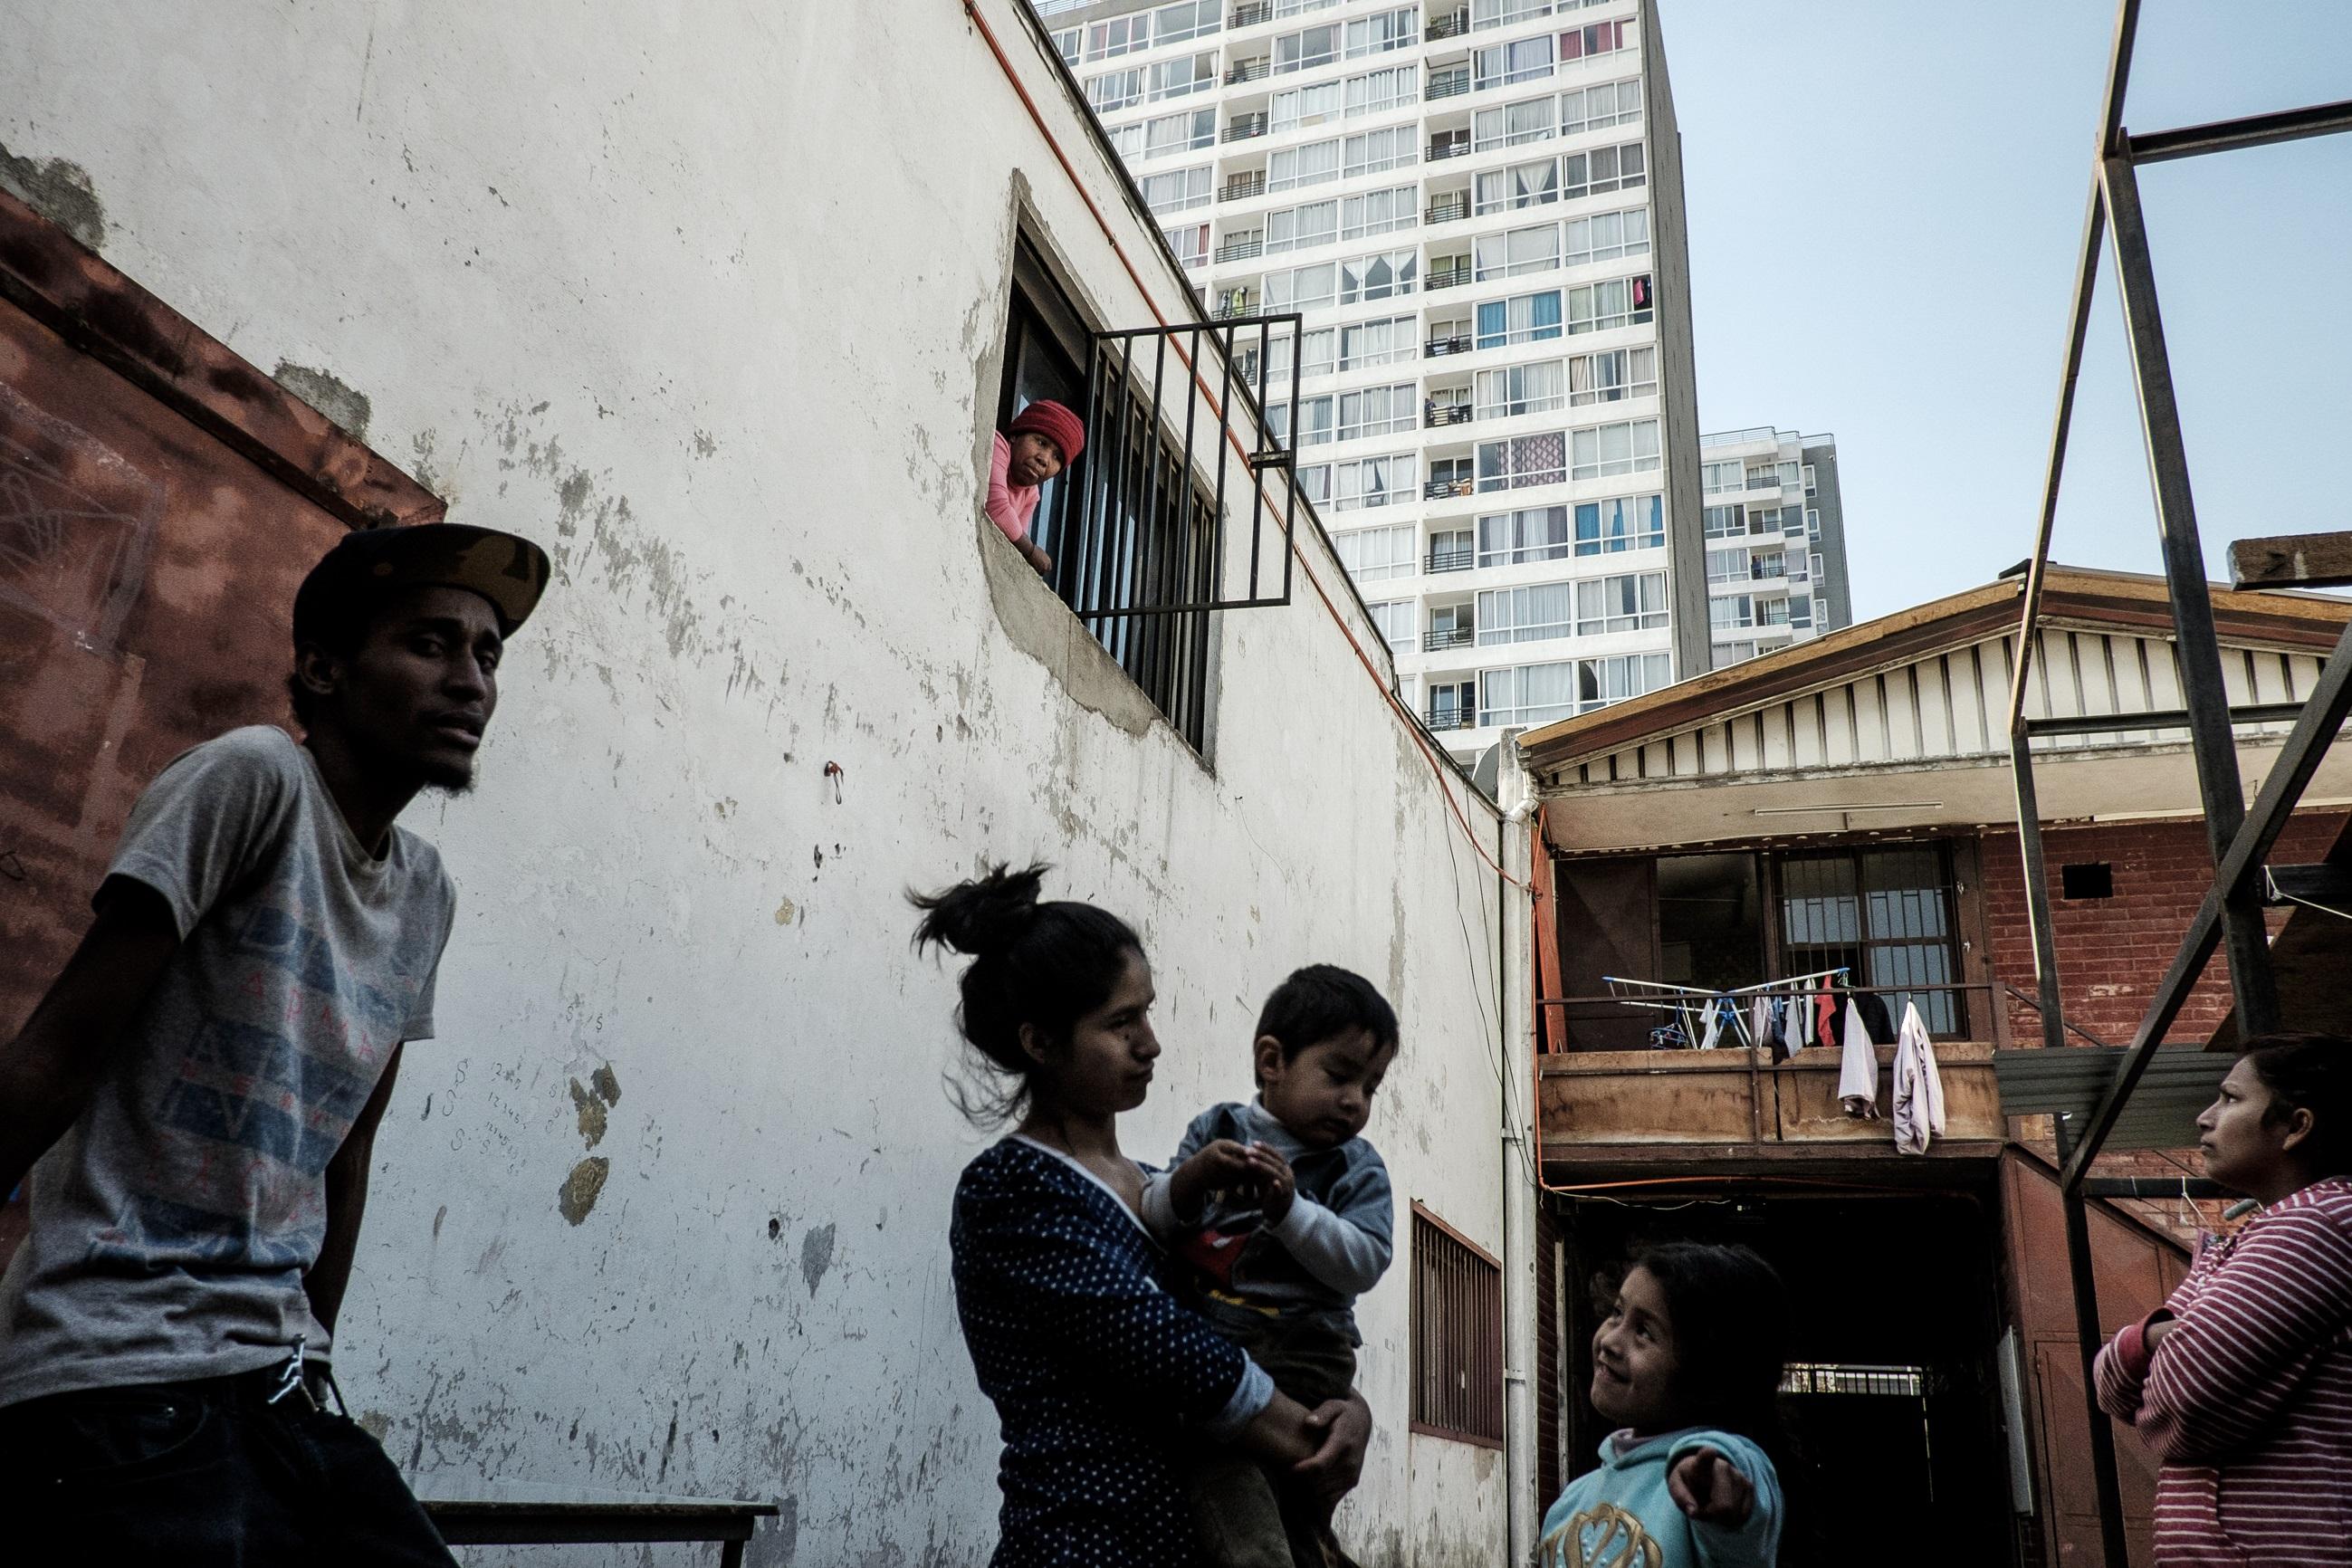 Un grupo de vecinos conversa sobre su actual situación luego de que su arrendador se fuera sin dejar indicios de su nuevo paradero. Foto: Jorge Vargas | Migrar Photo